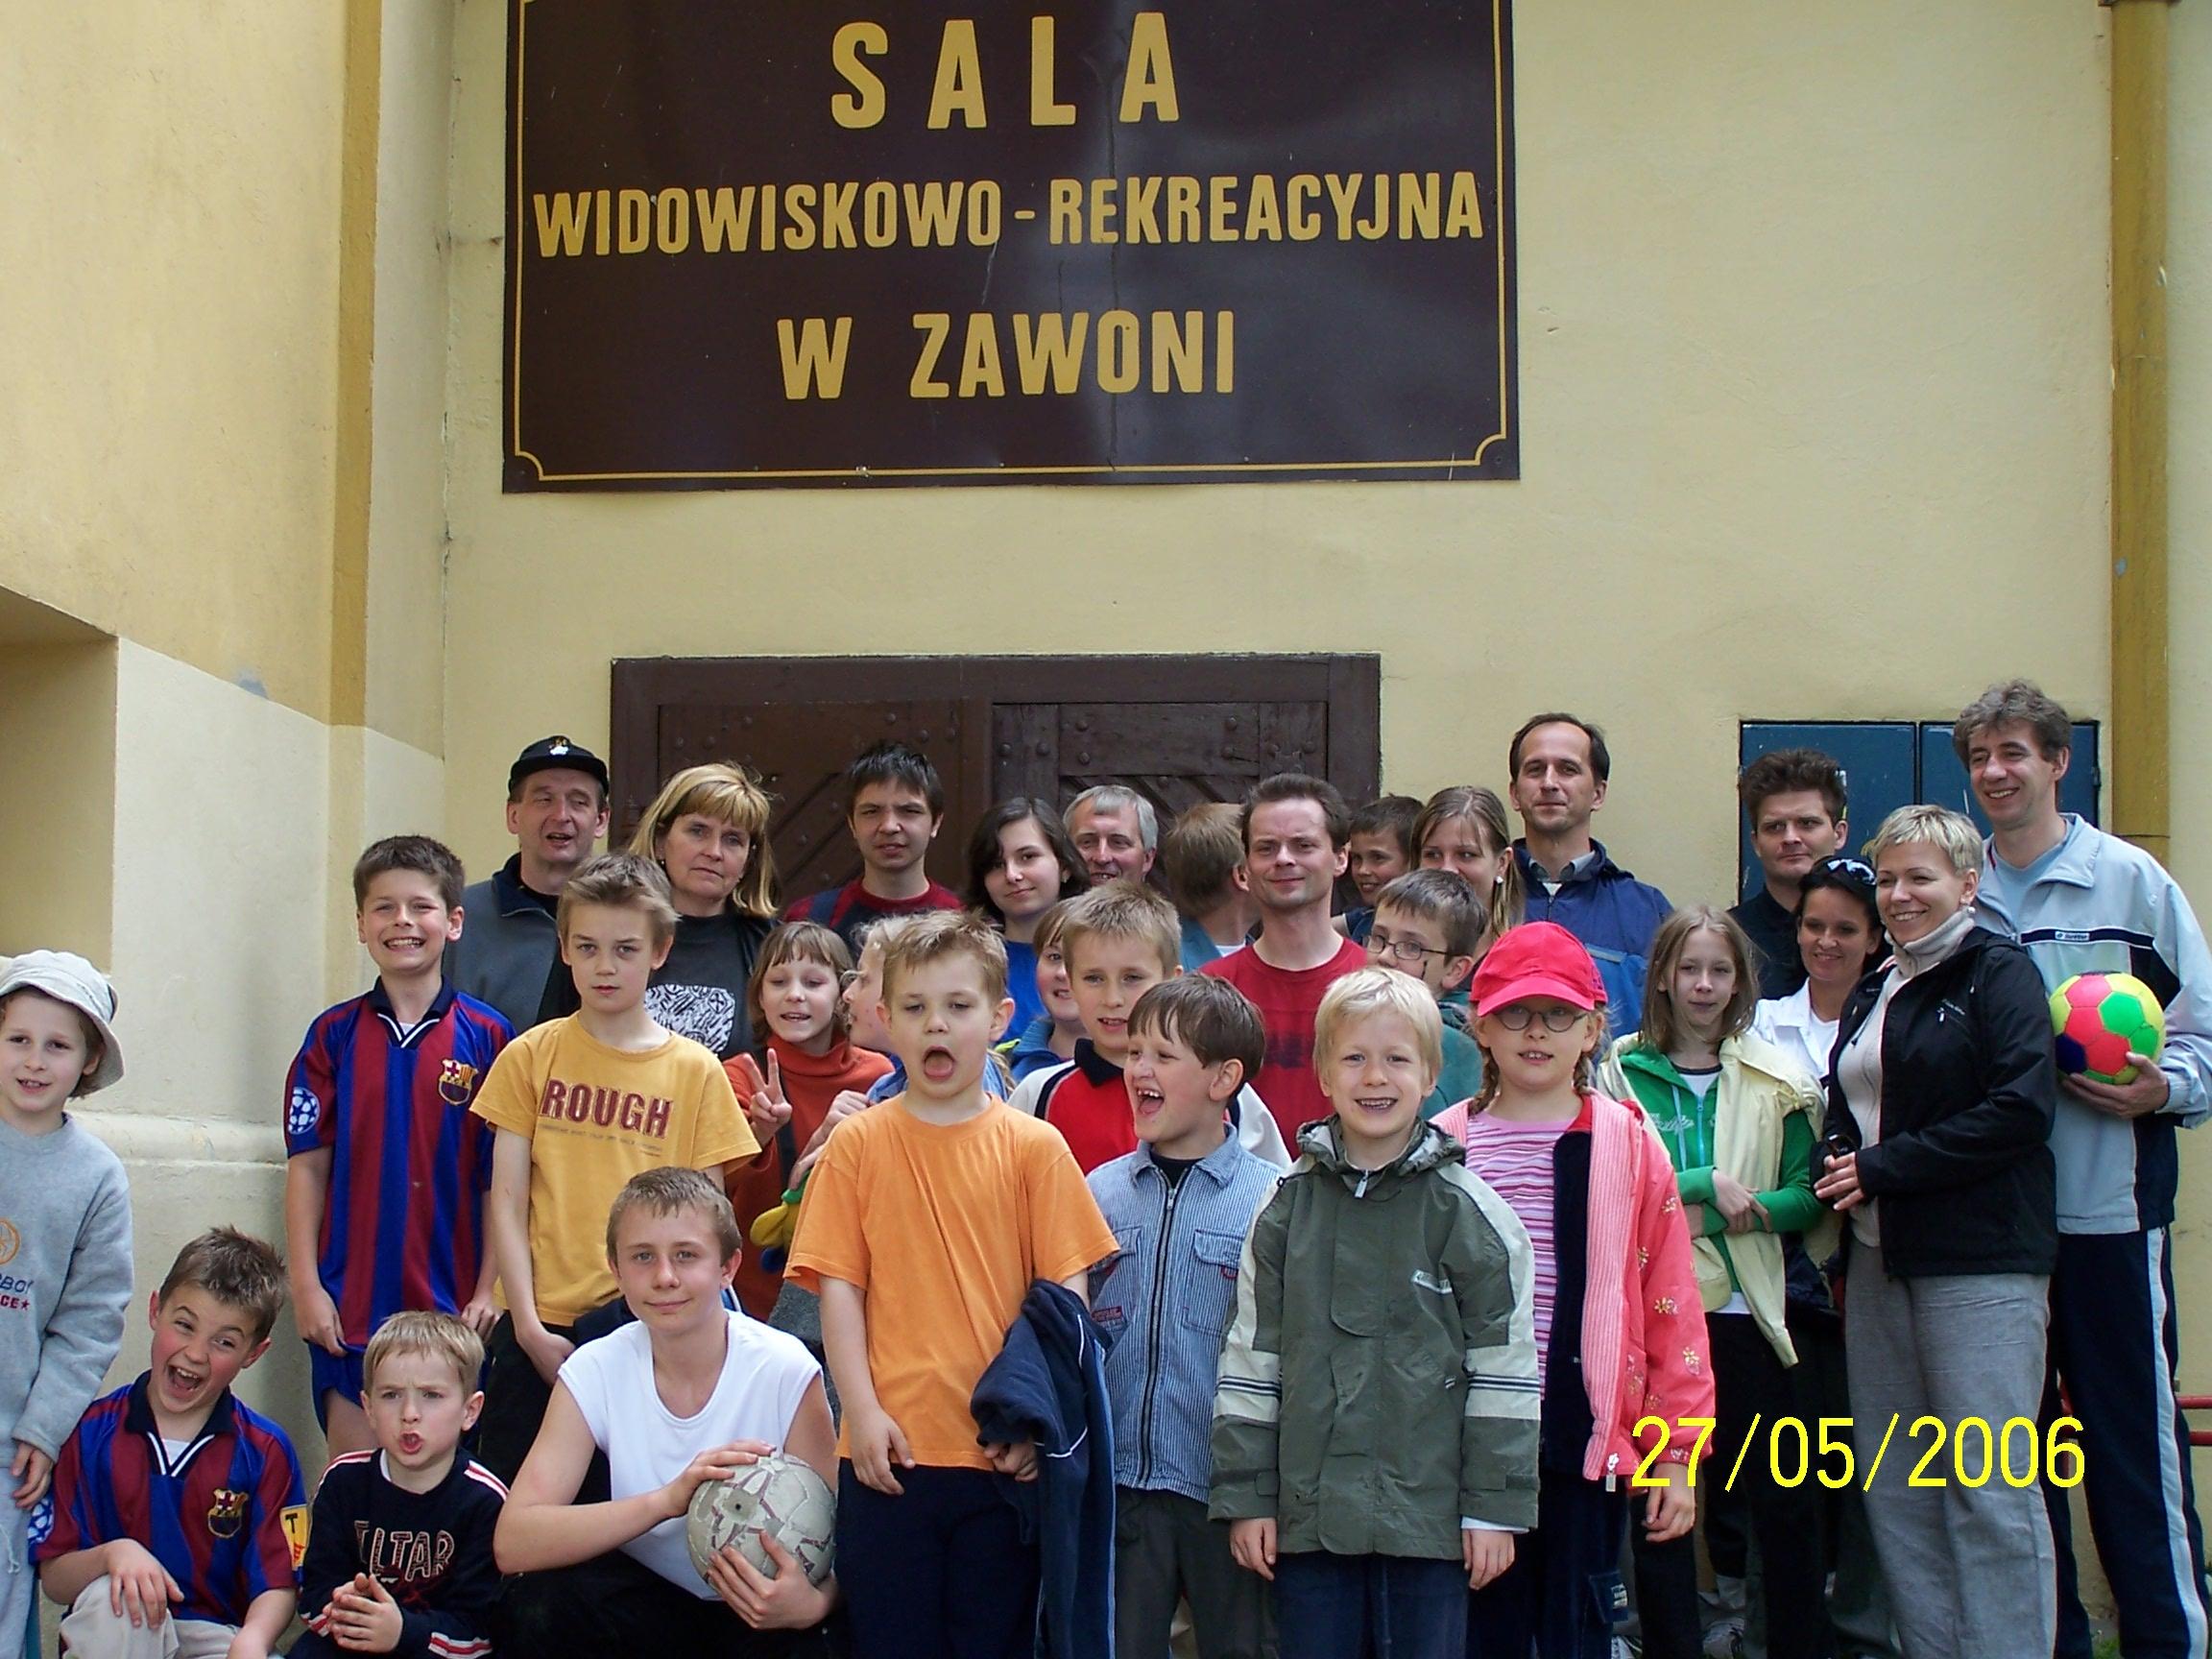 Do poważnej, sportowej gry w szachy trzeba mieć kondycję, więc szachista powinien dodatkowo uprawiać sporty ruchowe. Zawodnicy MUKS MDK Śródmieście Wrocław podczas festynu szachowo-rekreacyjnego w Zawoni 27.05.2006.